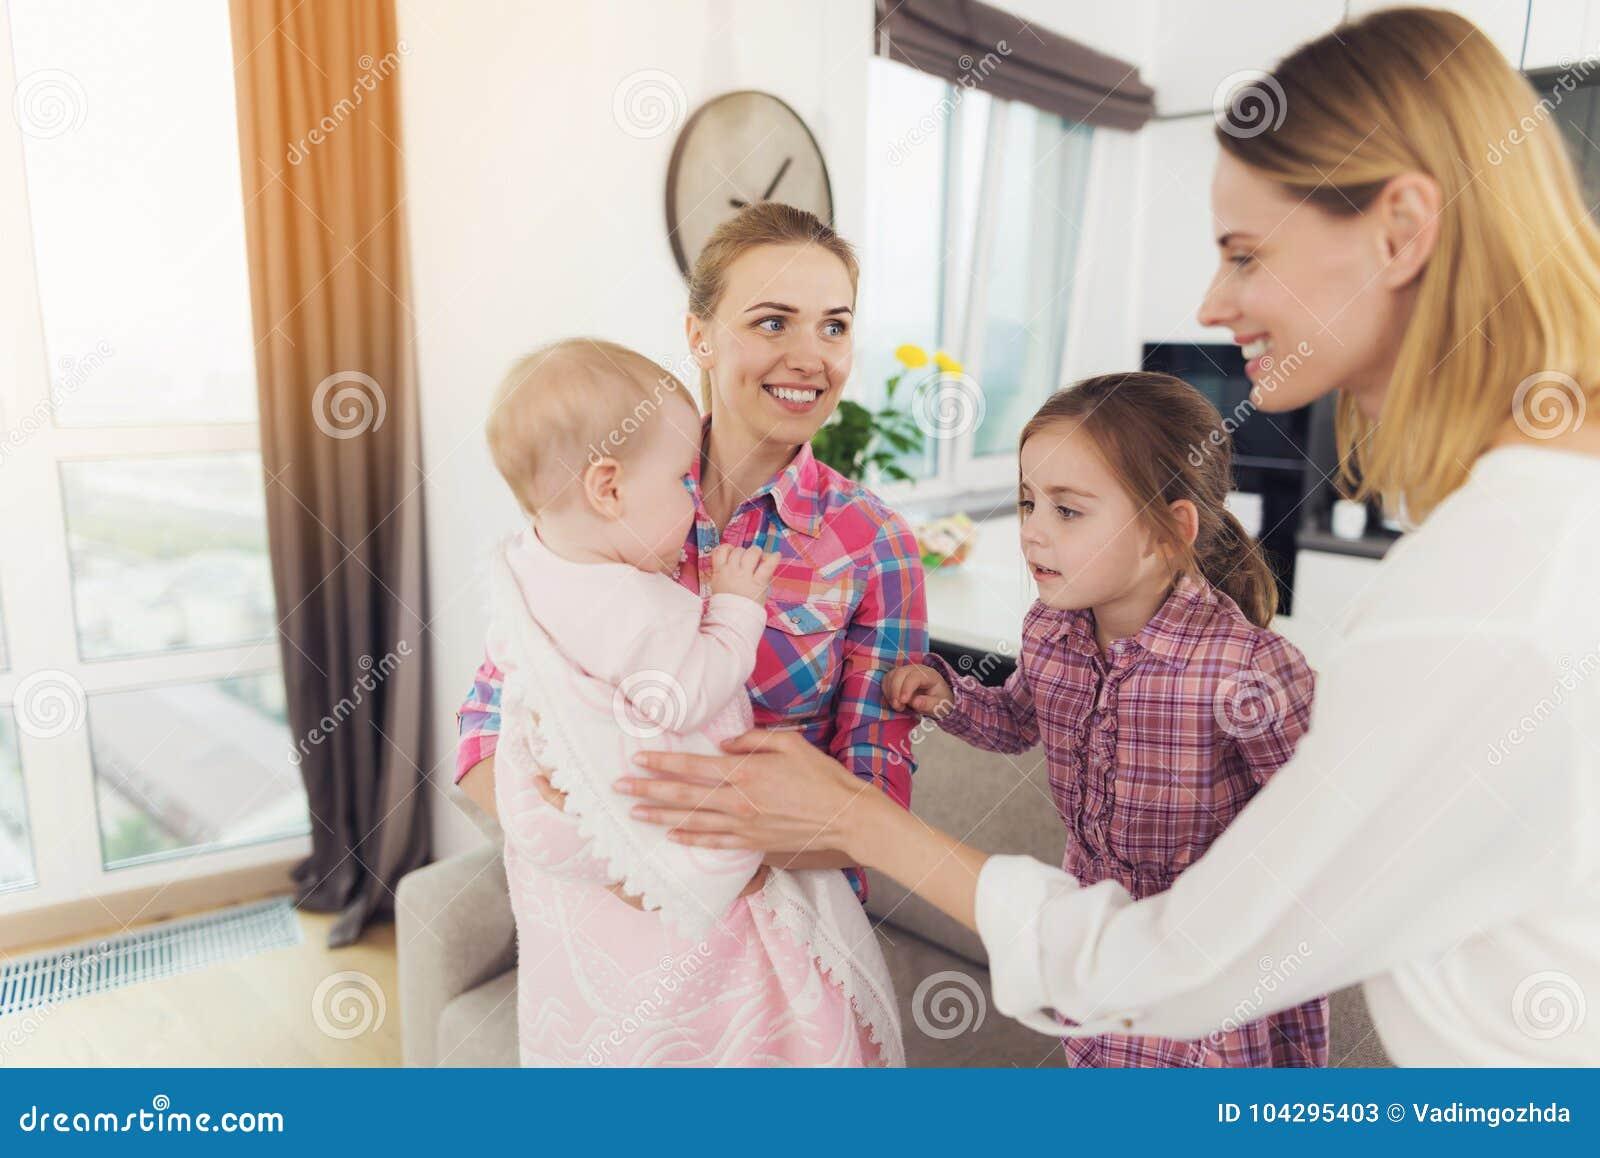 Rencontre une fille avec un bébé